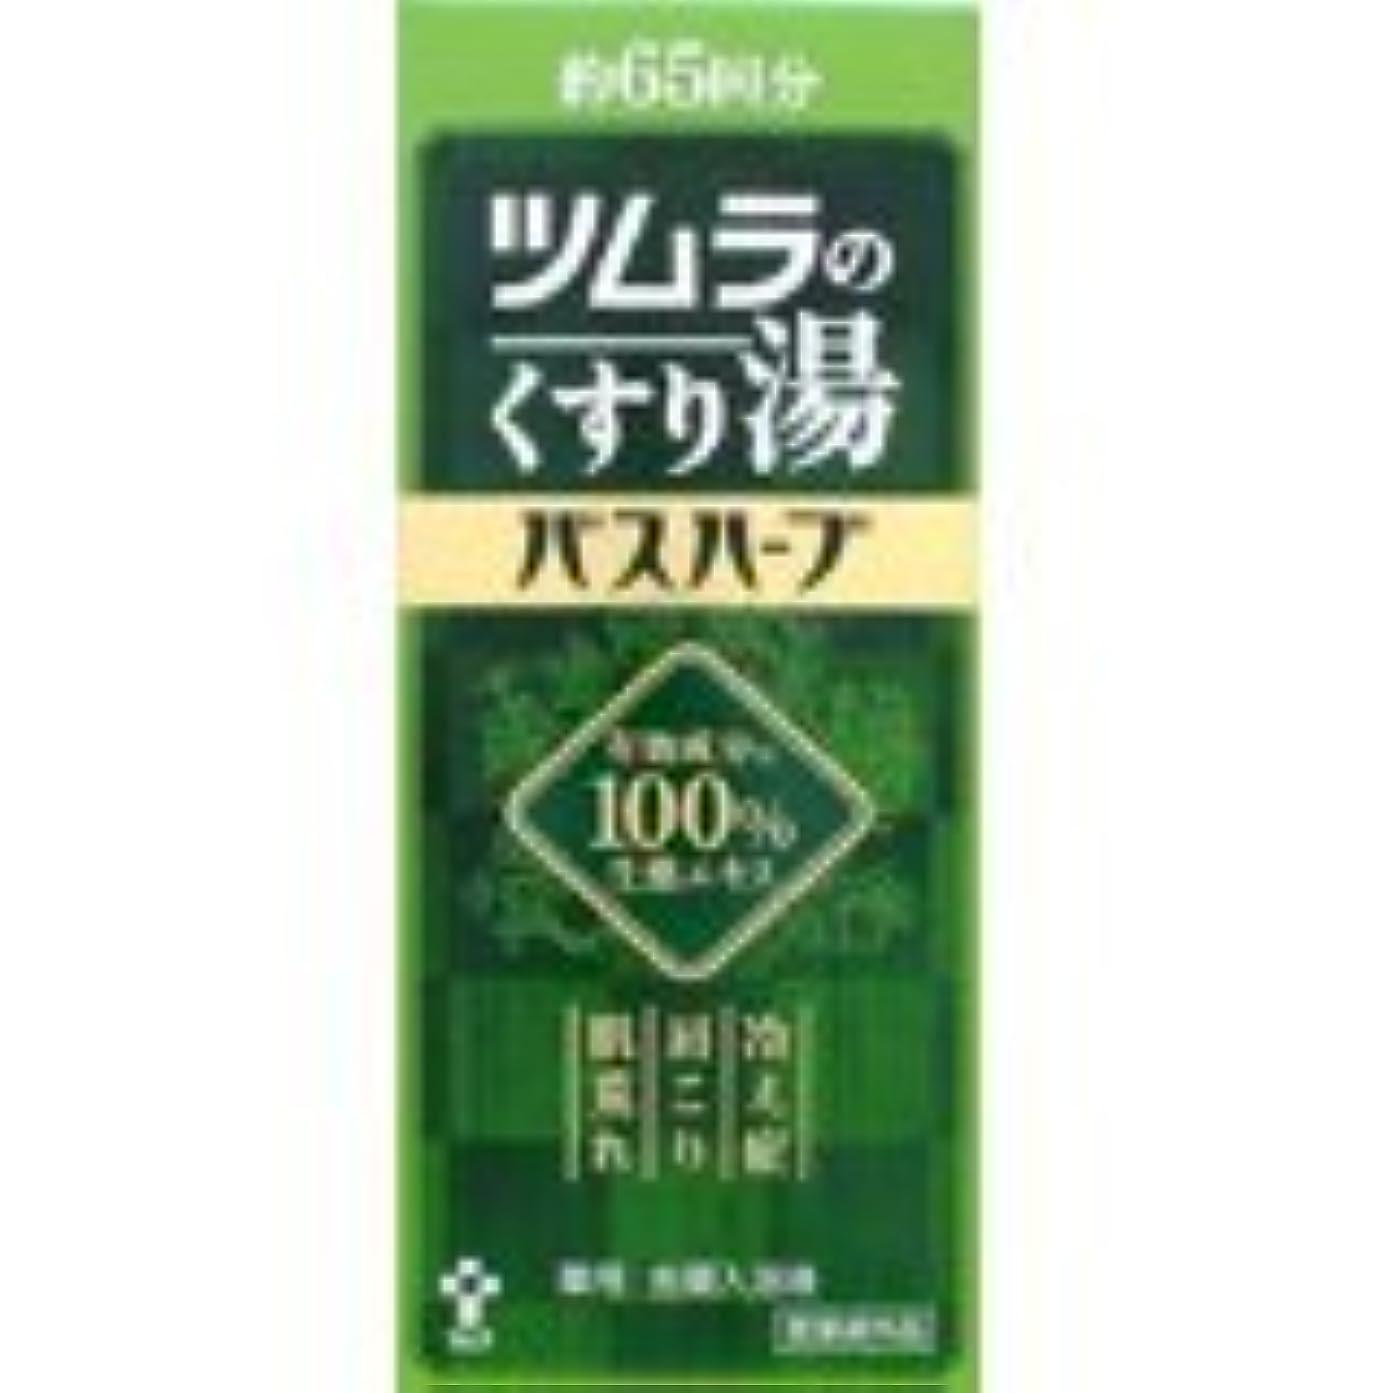 マイクロティームベンチツムラ ツムラのくすり湯 バスハーブ 650ml×12本(1ケース)